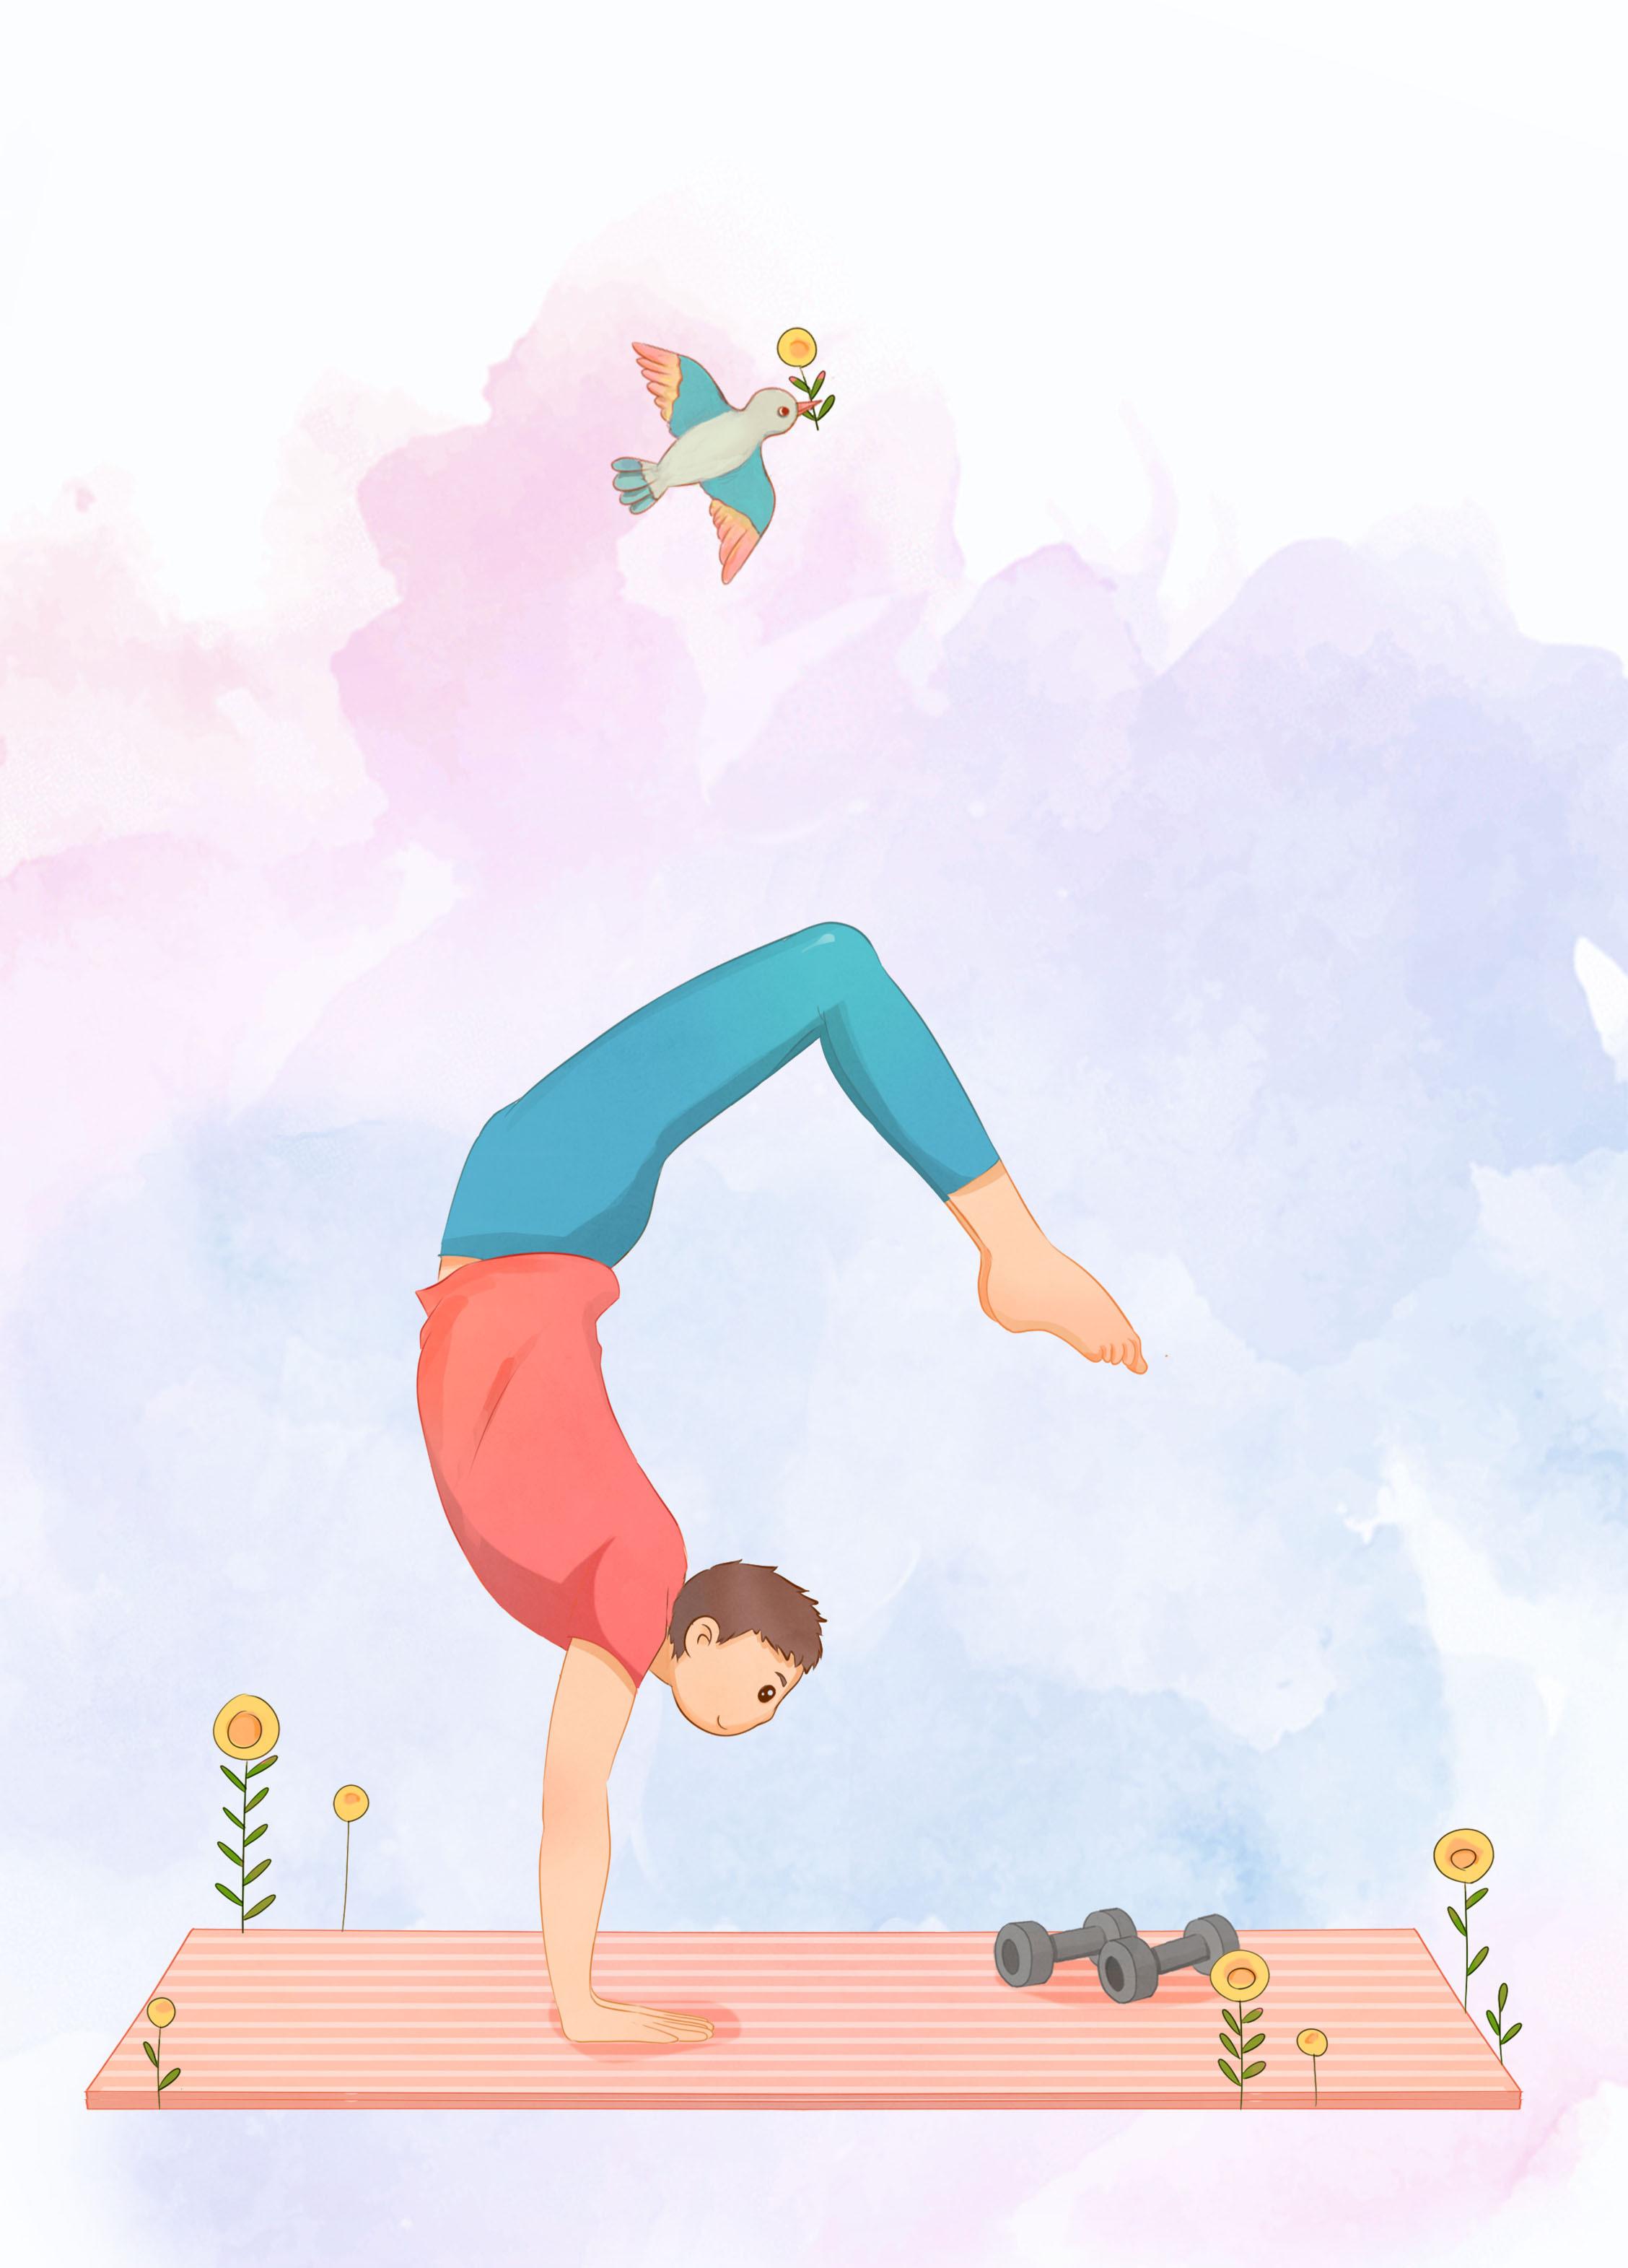 瑜伽的卡通图片